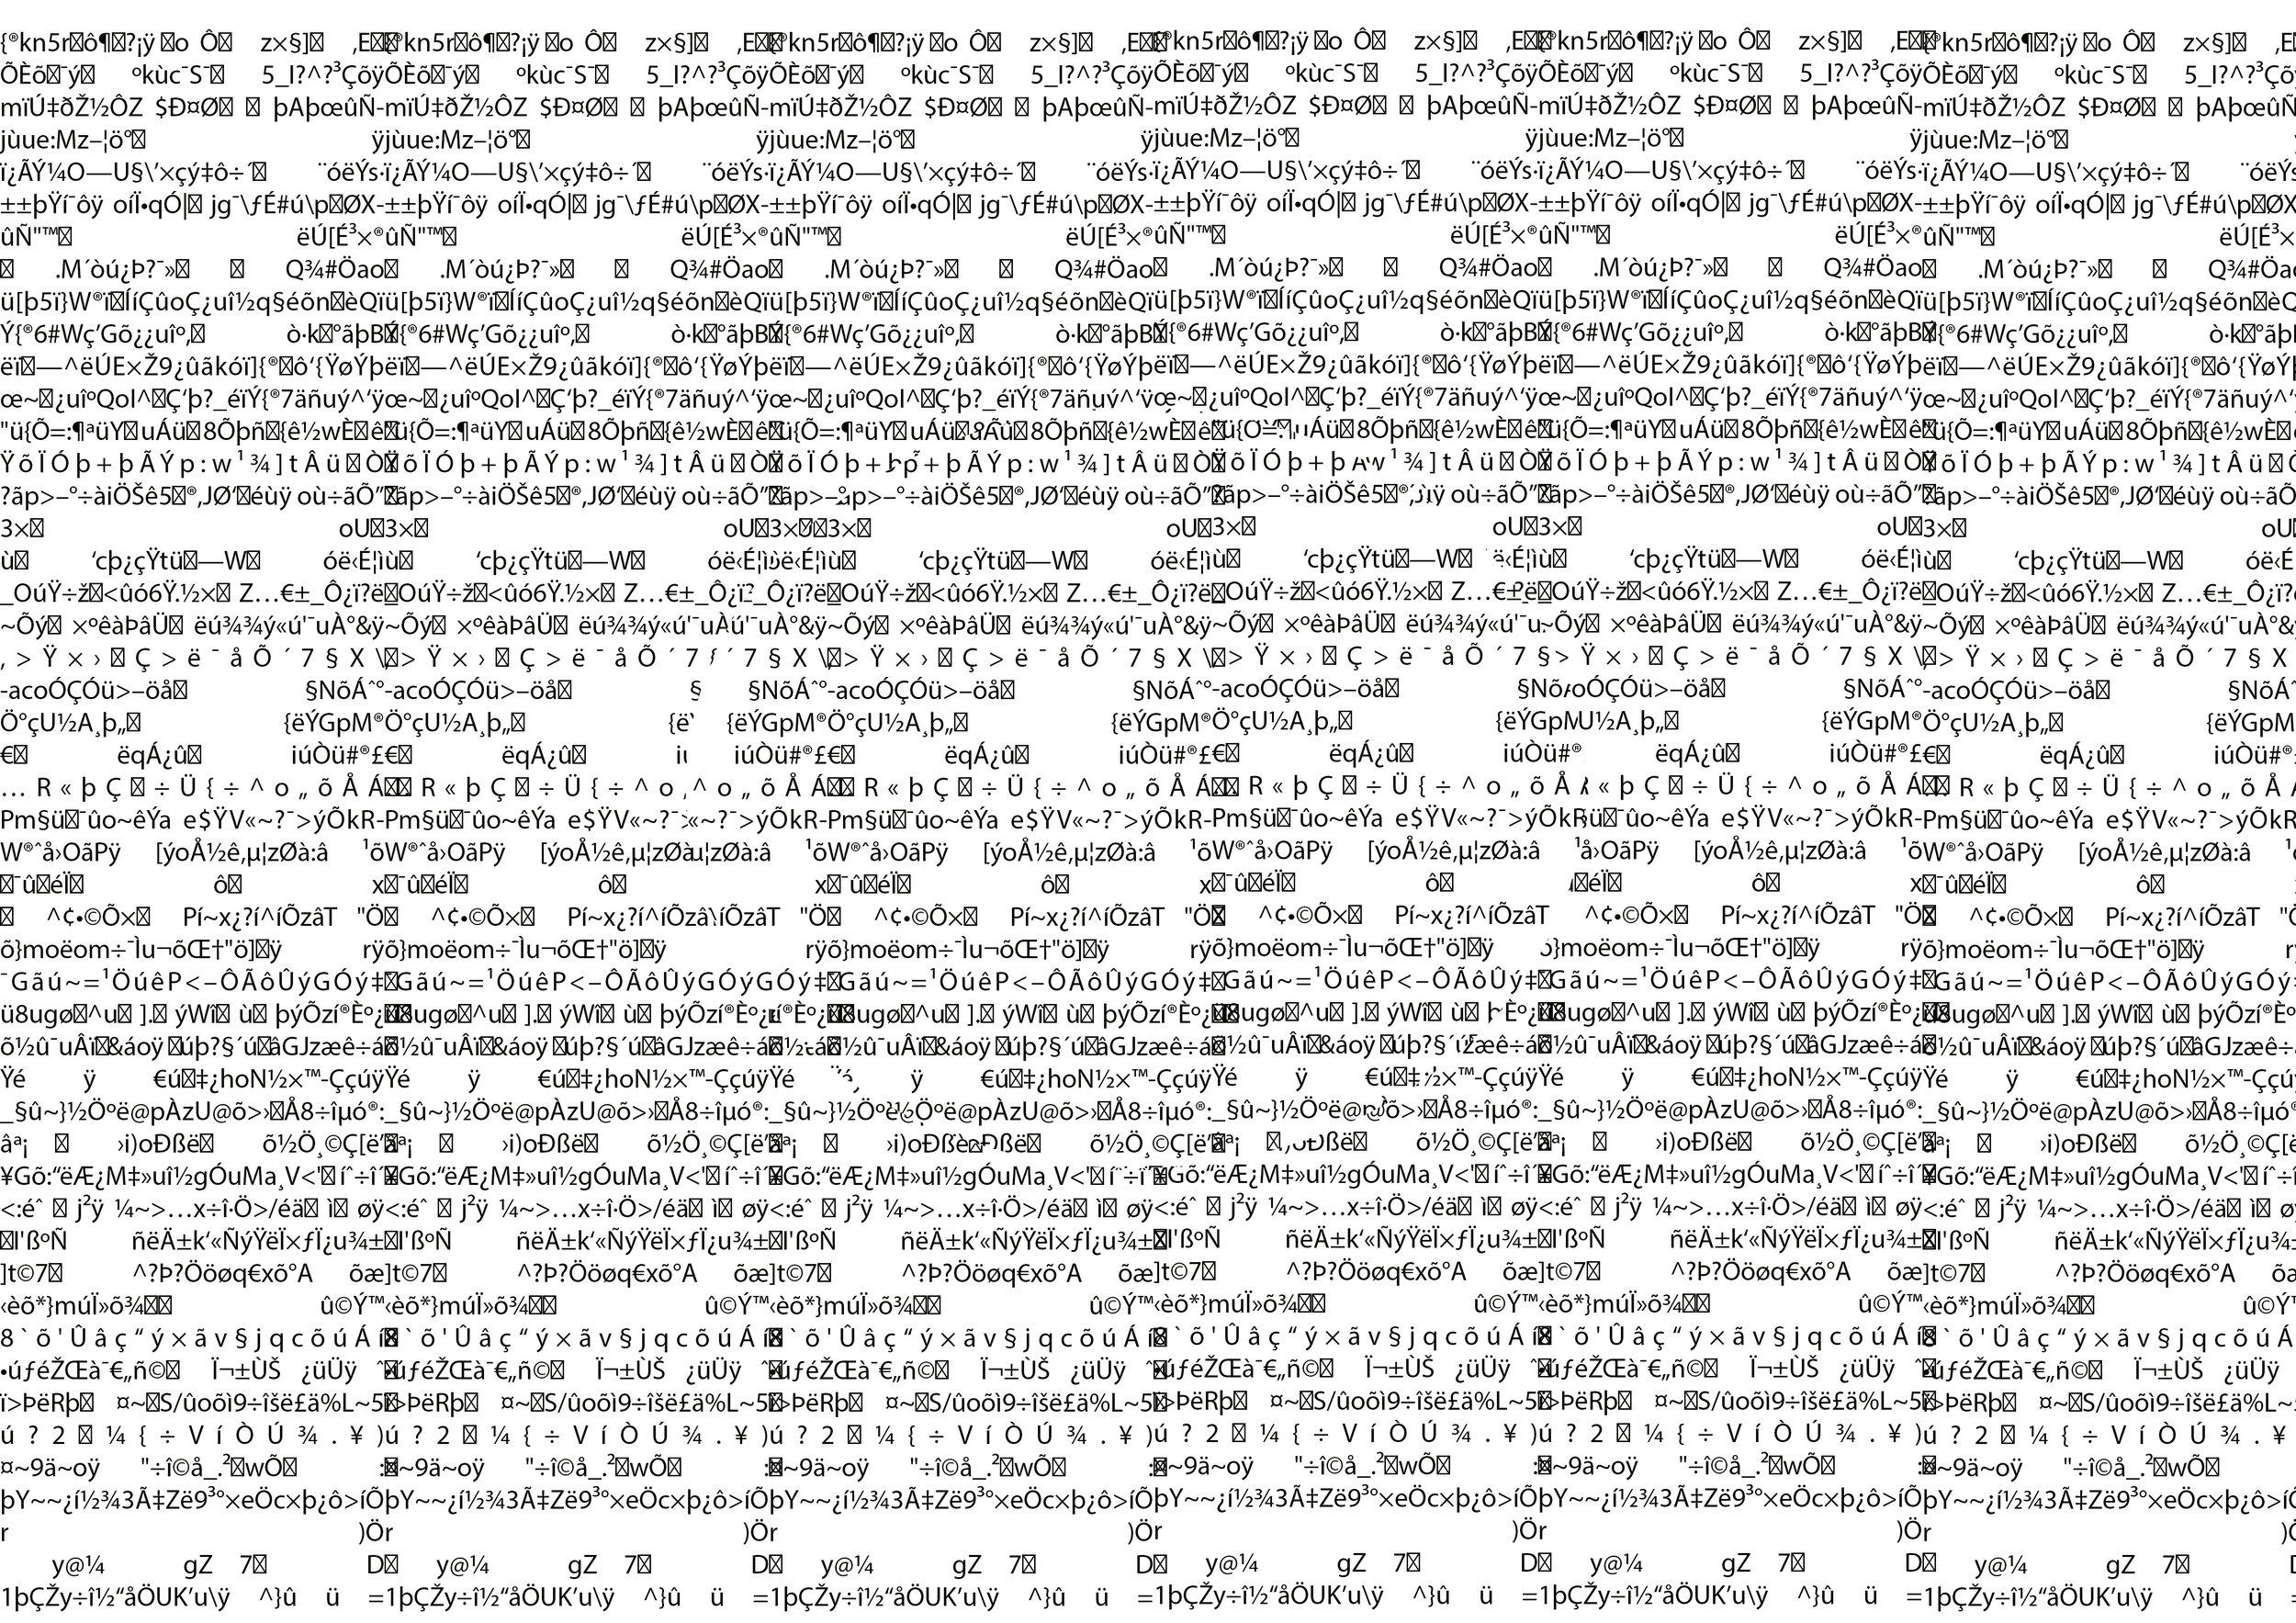 Basic ASCII Code Stereogram